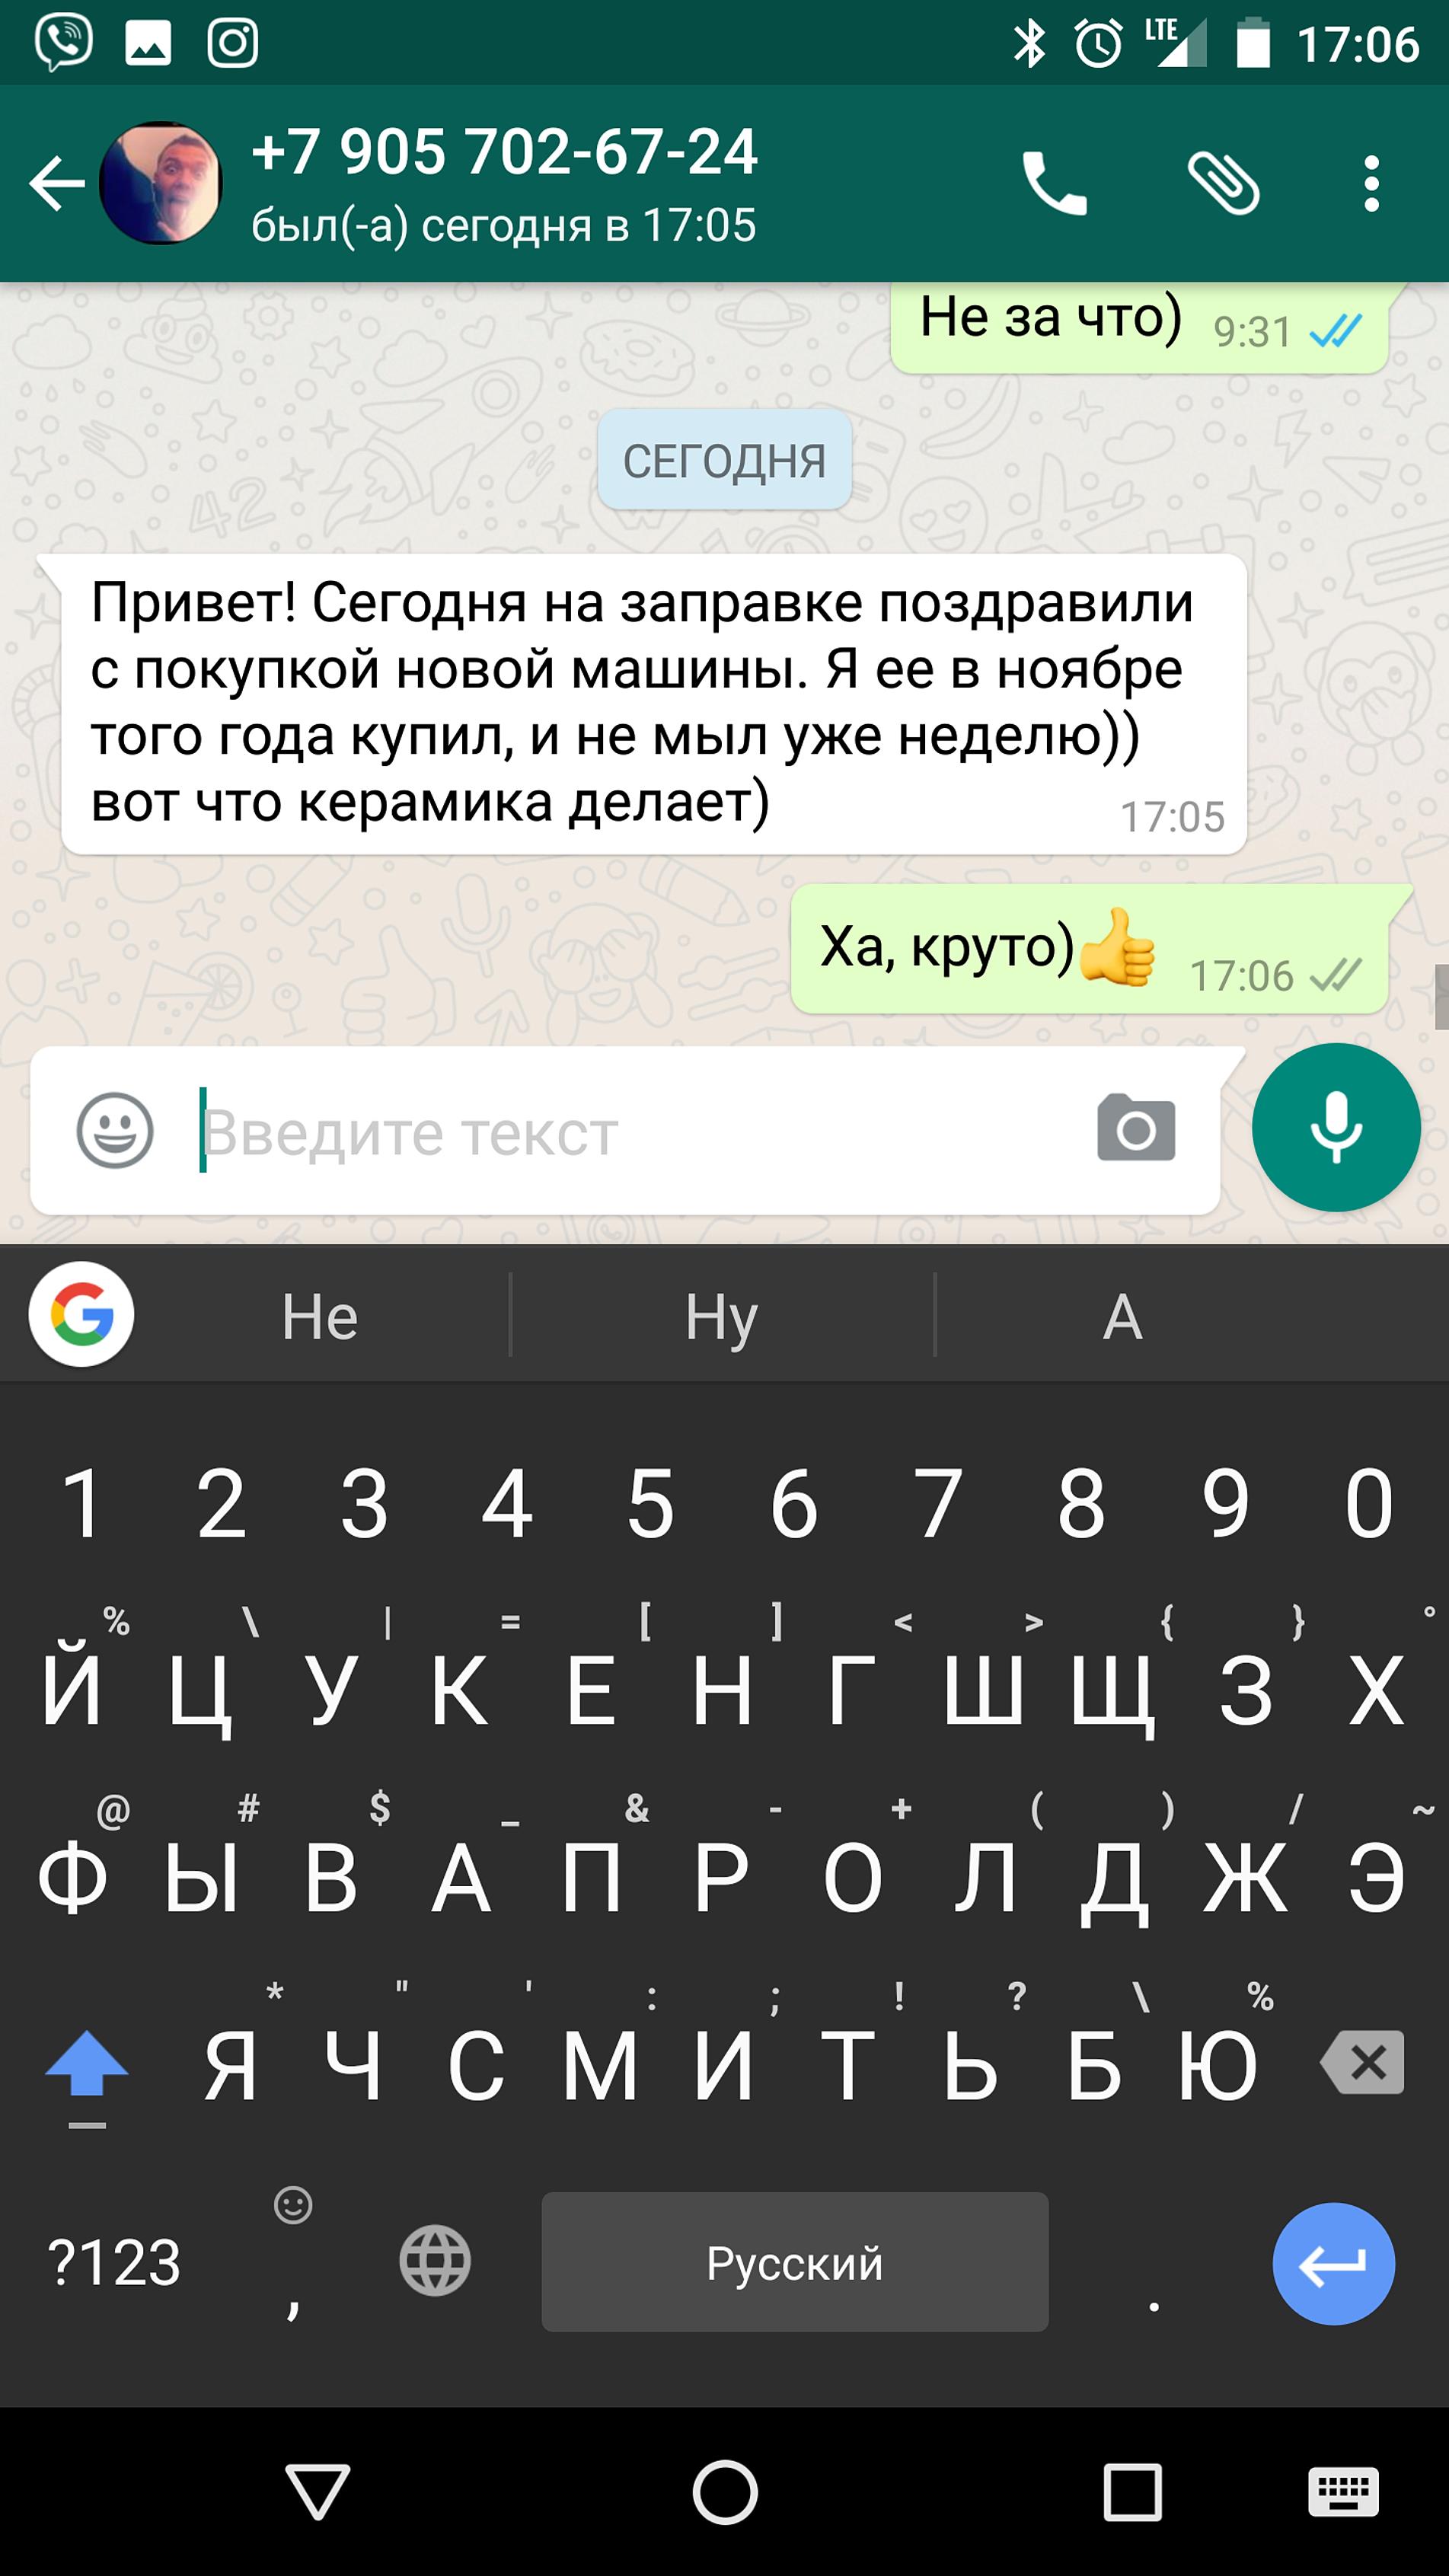 Амф Закладка Камышин MDA Стоимость Орехово-Зуево